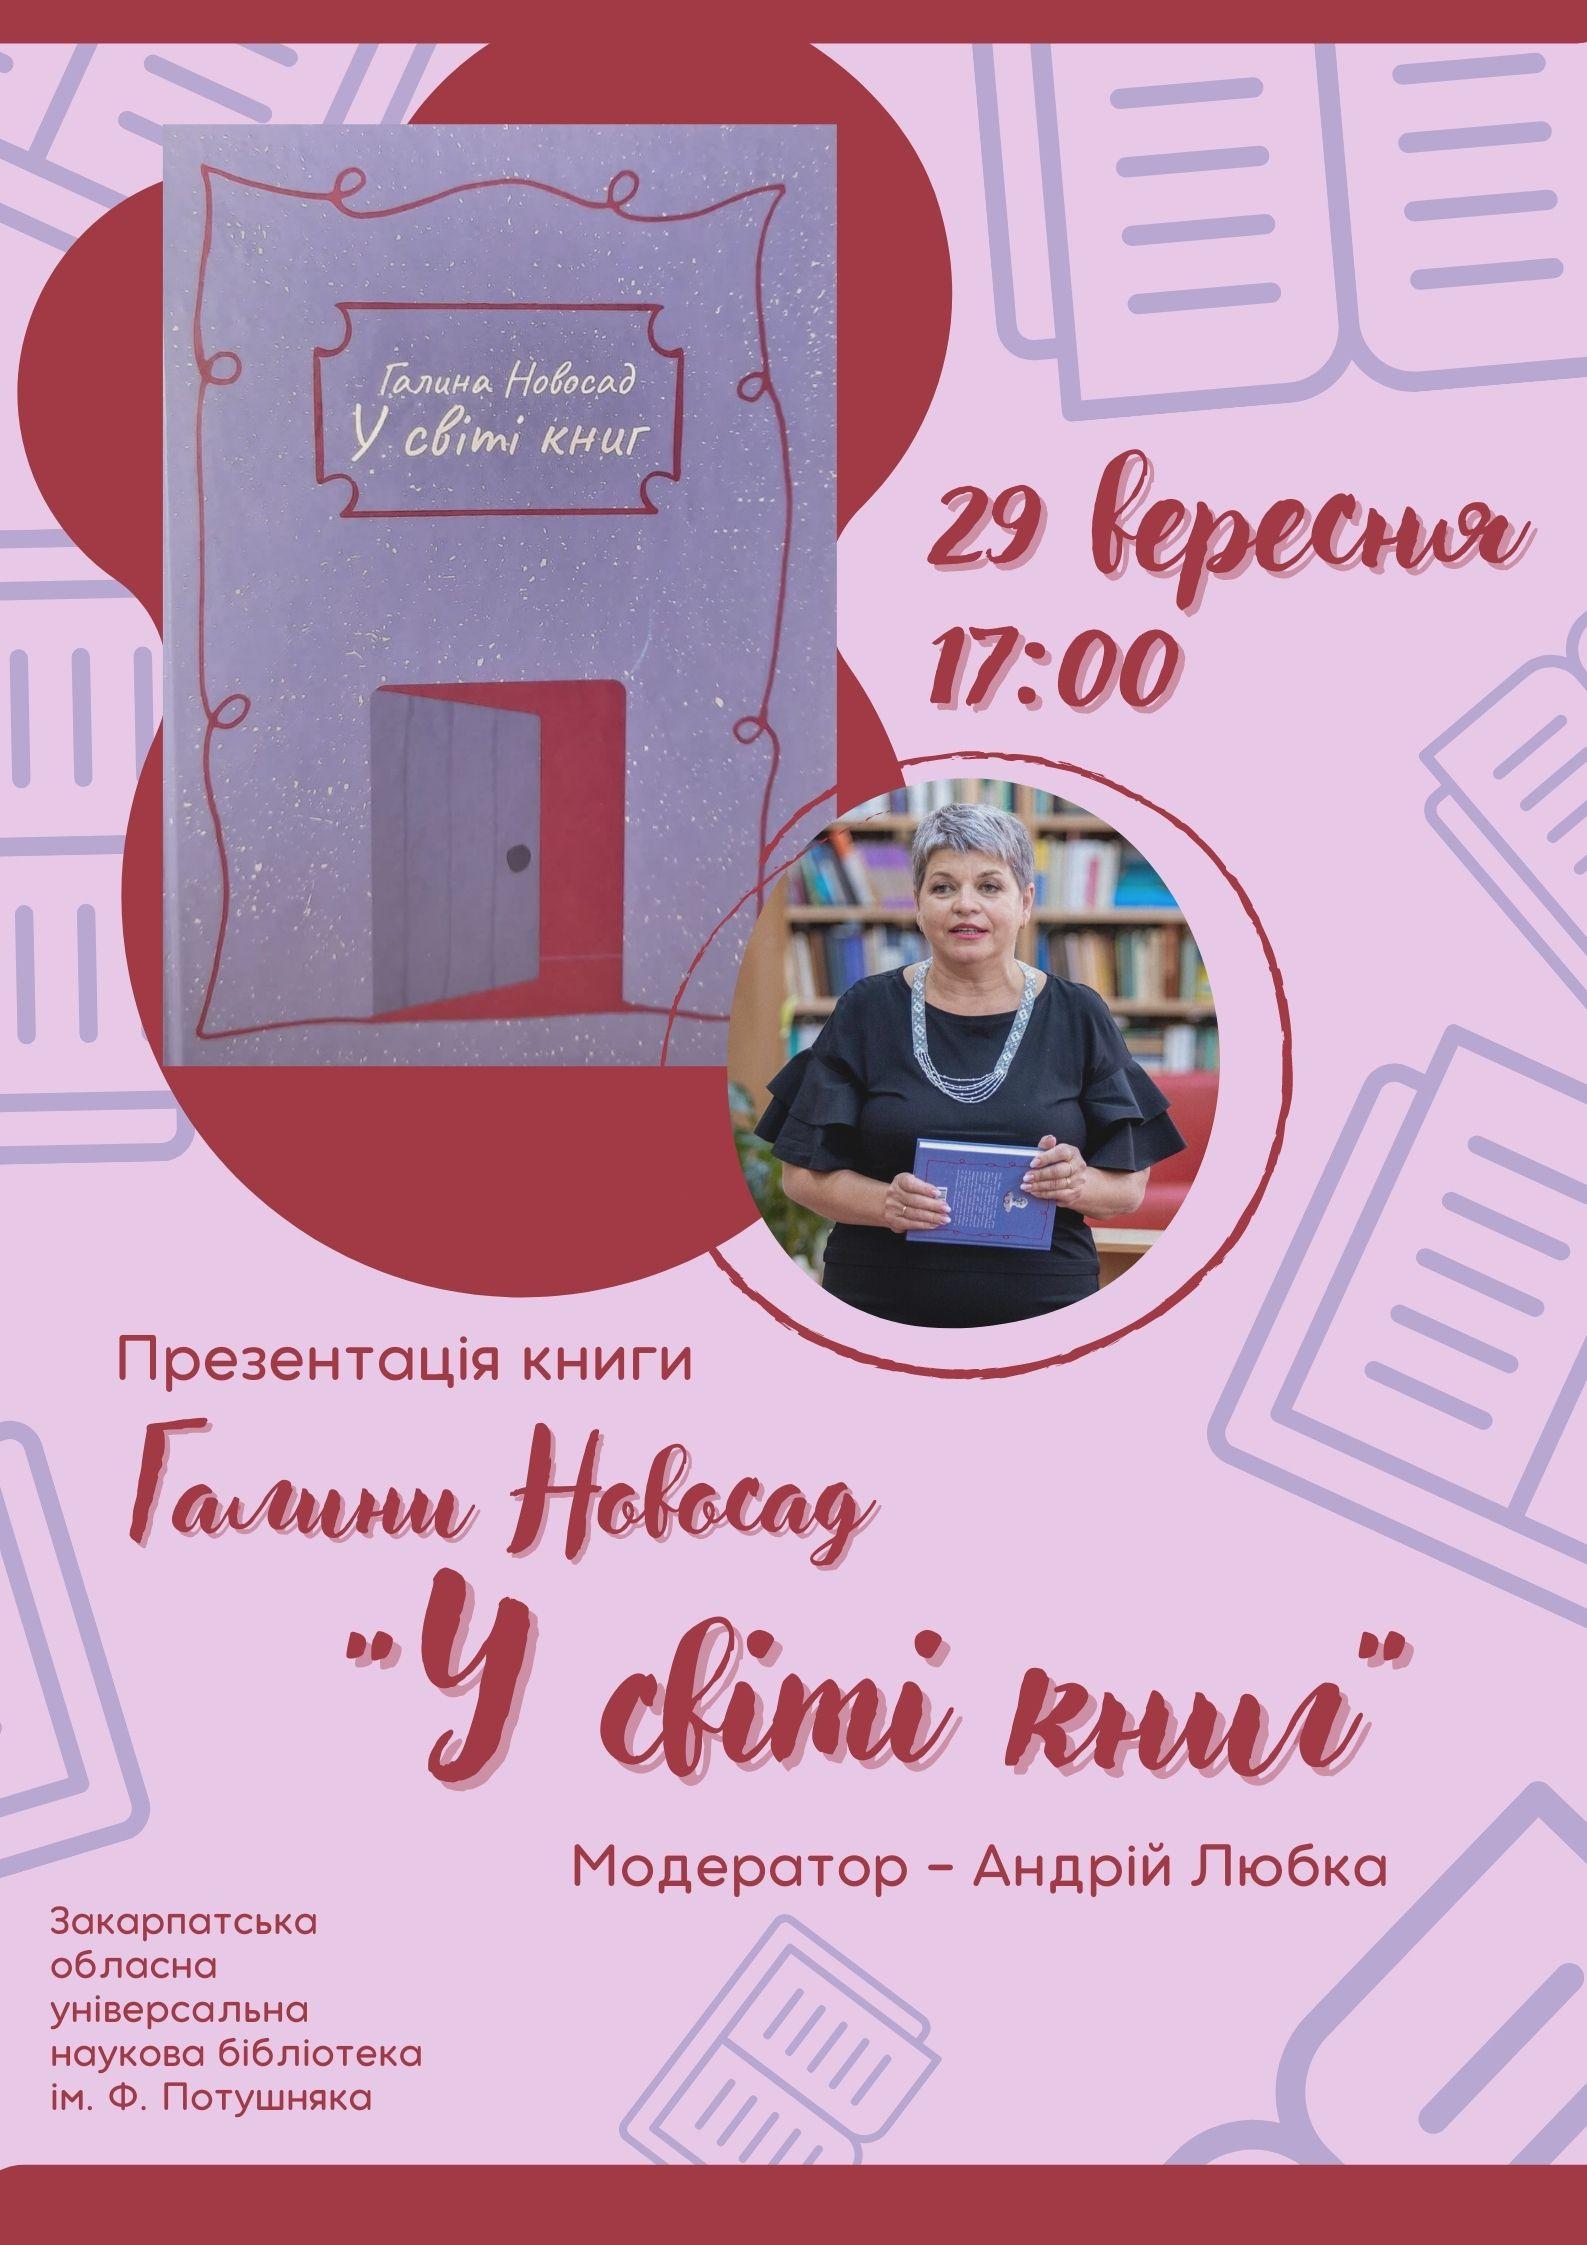 """Збірку Галини Новосад """"У світі книг"""" презентують у Закарпатській обласній бібліотеці"""